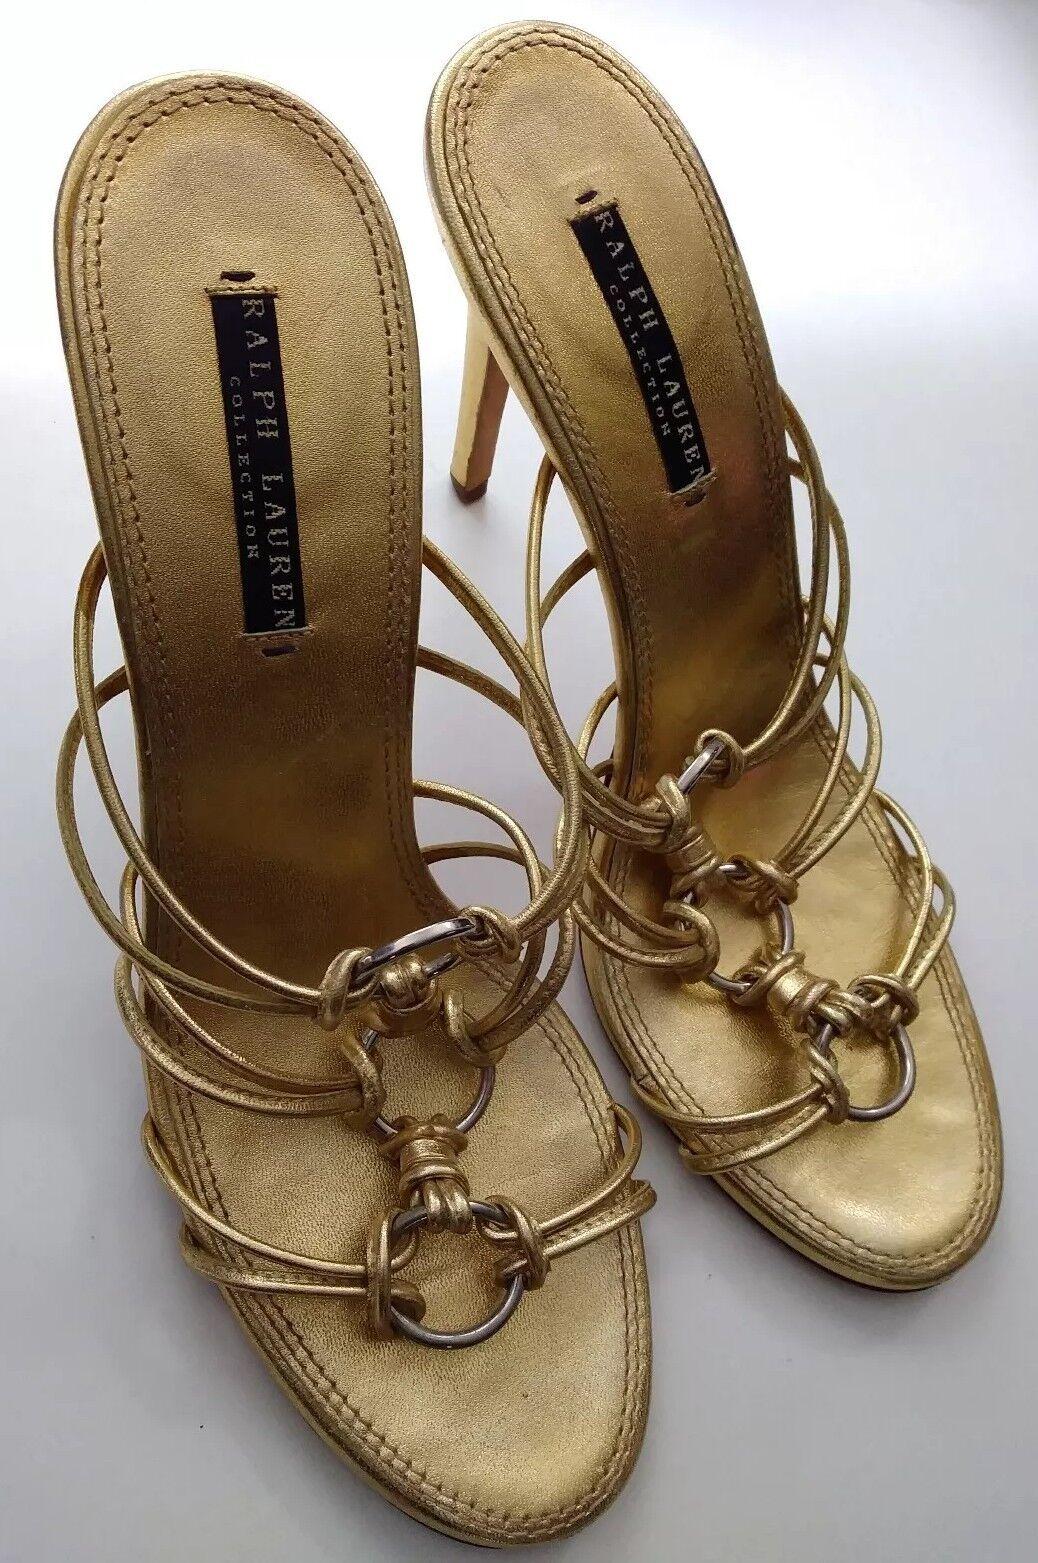 Ralph Lauren Lauren Lauren lila Label Collection 9.5B Strappy Slip On High Heel Sandals Gold 02d45f